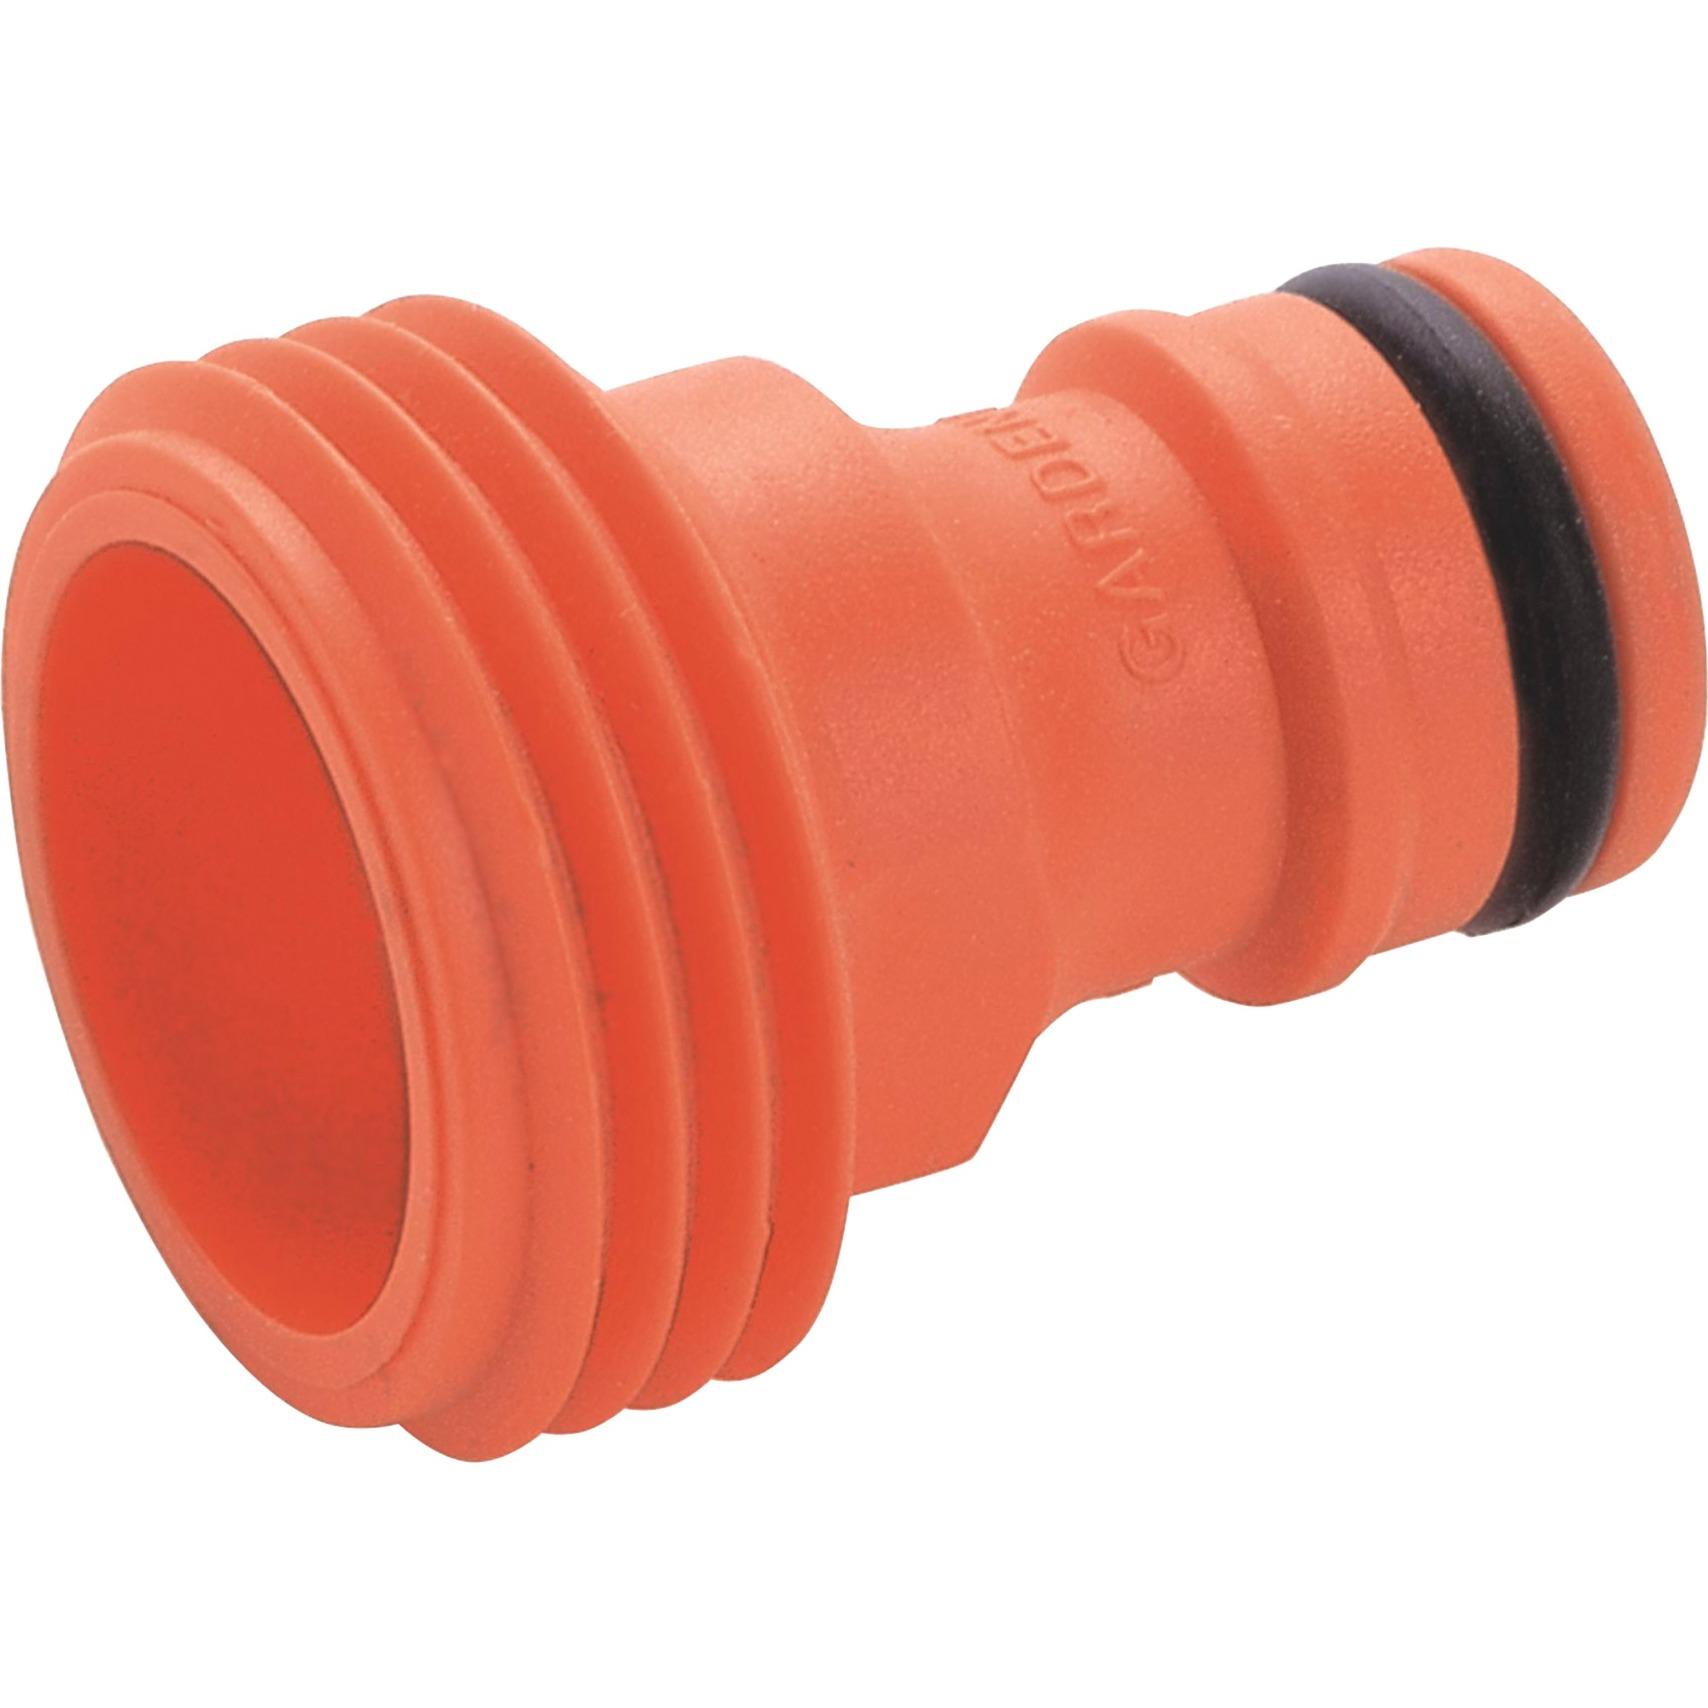 2922-26-orange-vandslange-beslag-ventil-stykker